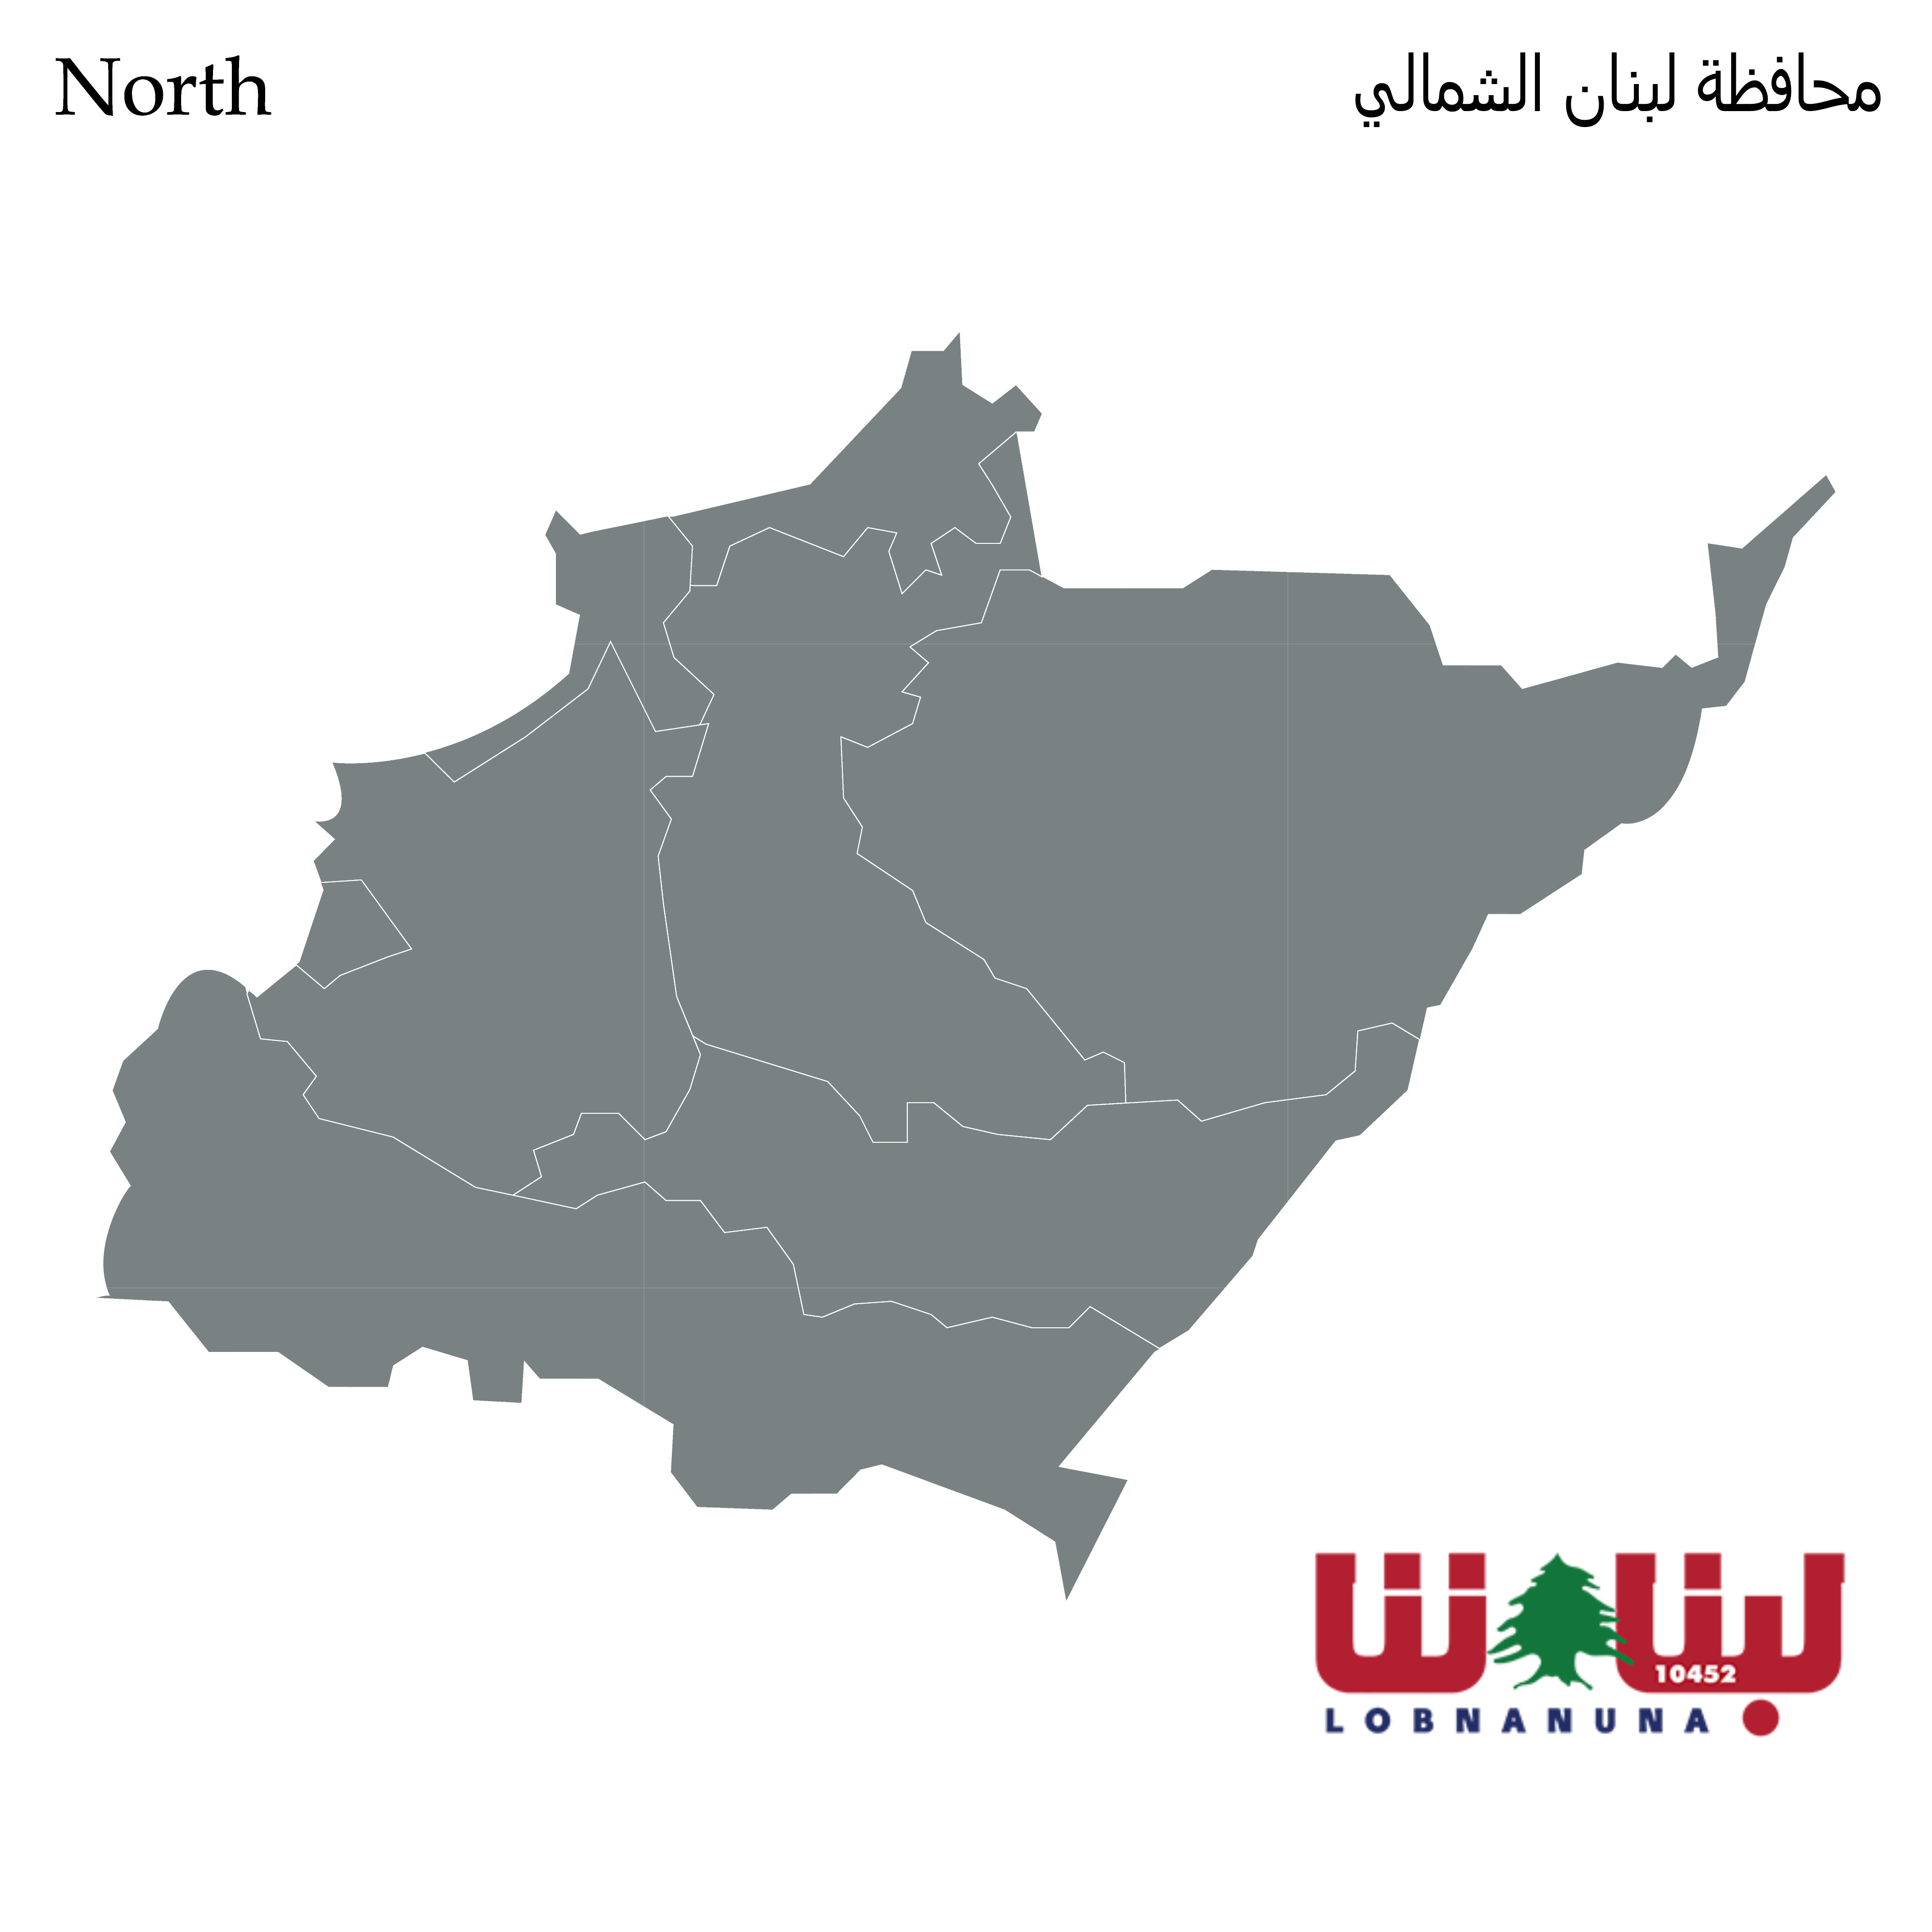 صورة  منمحافظة لبنان الشمالي